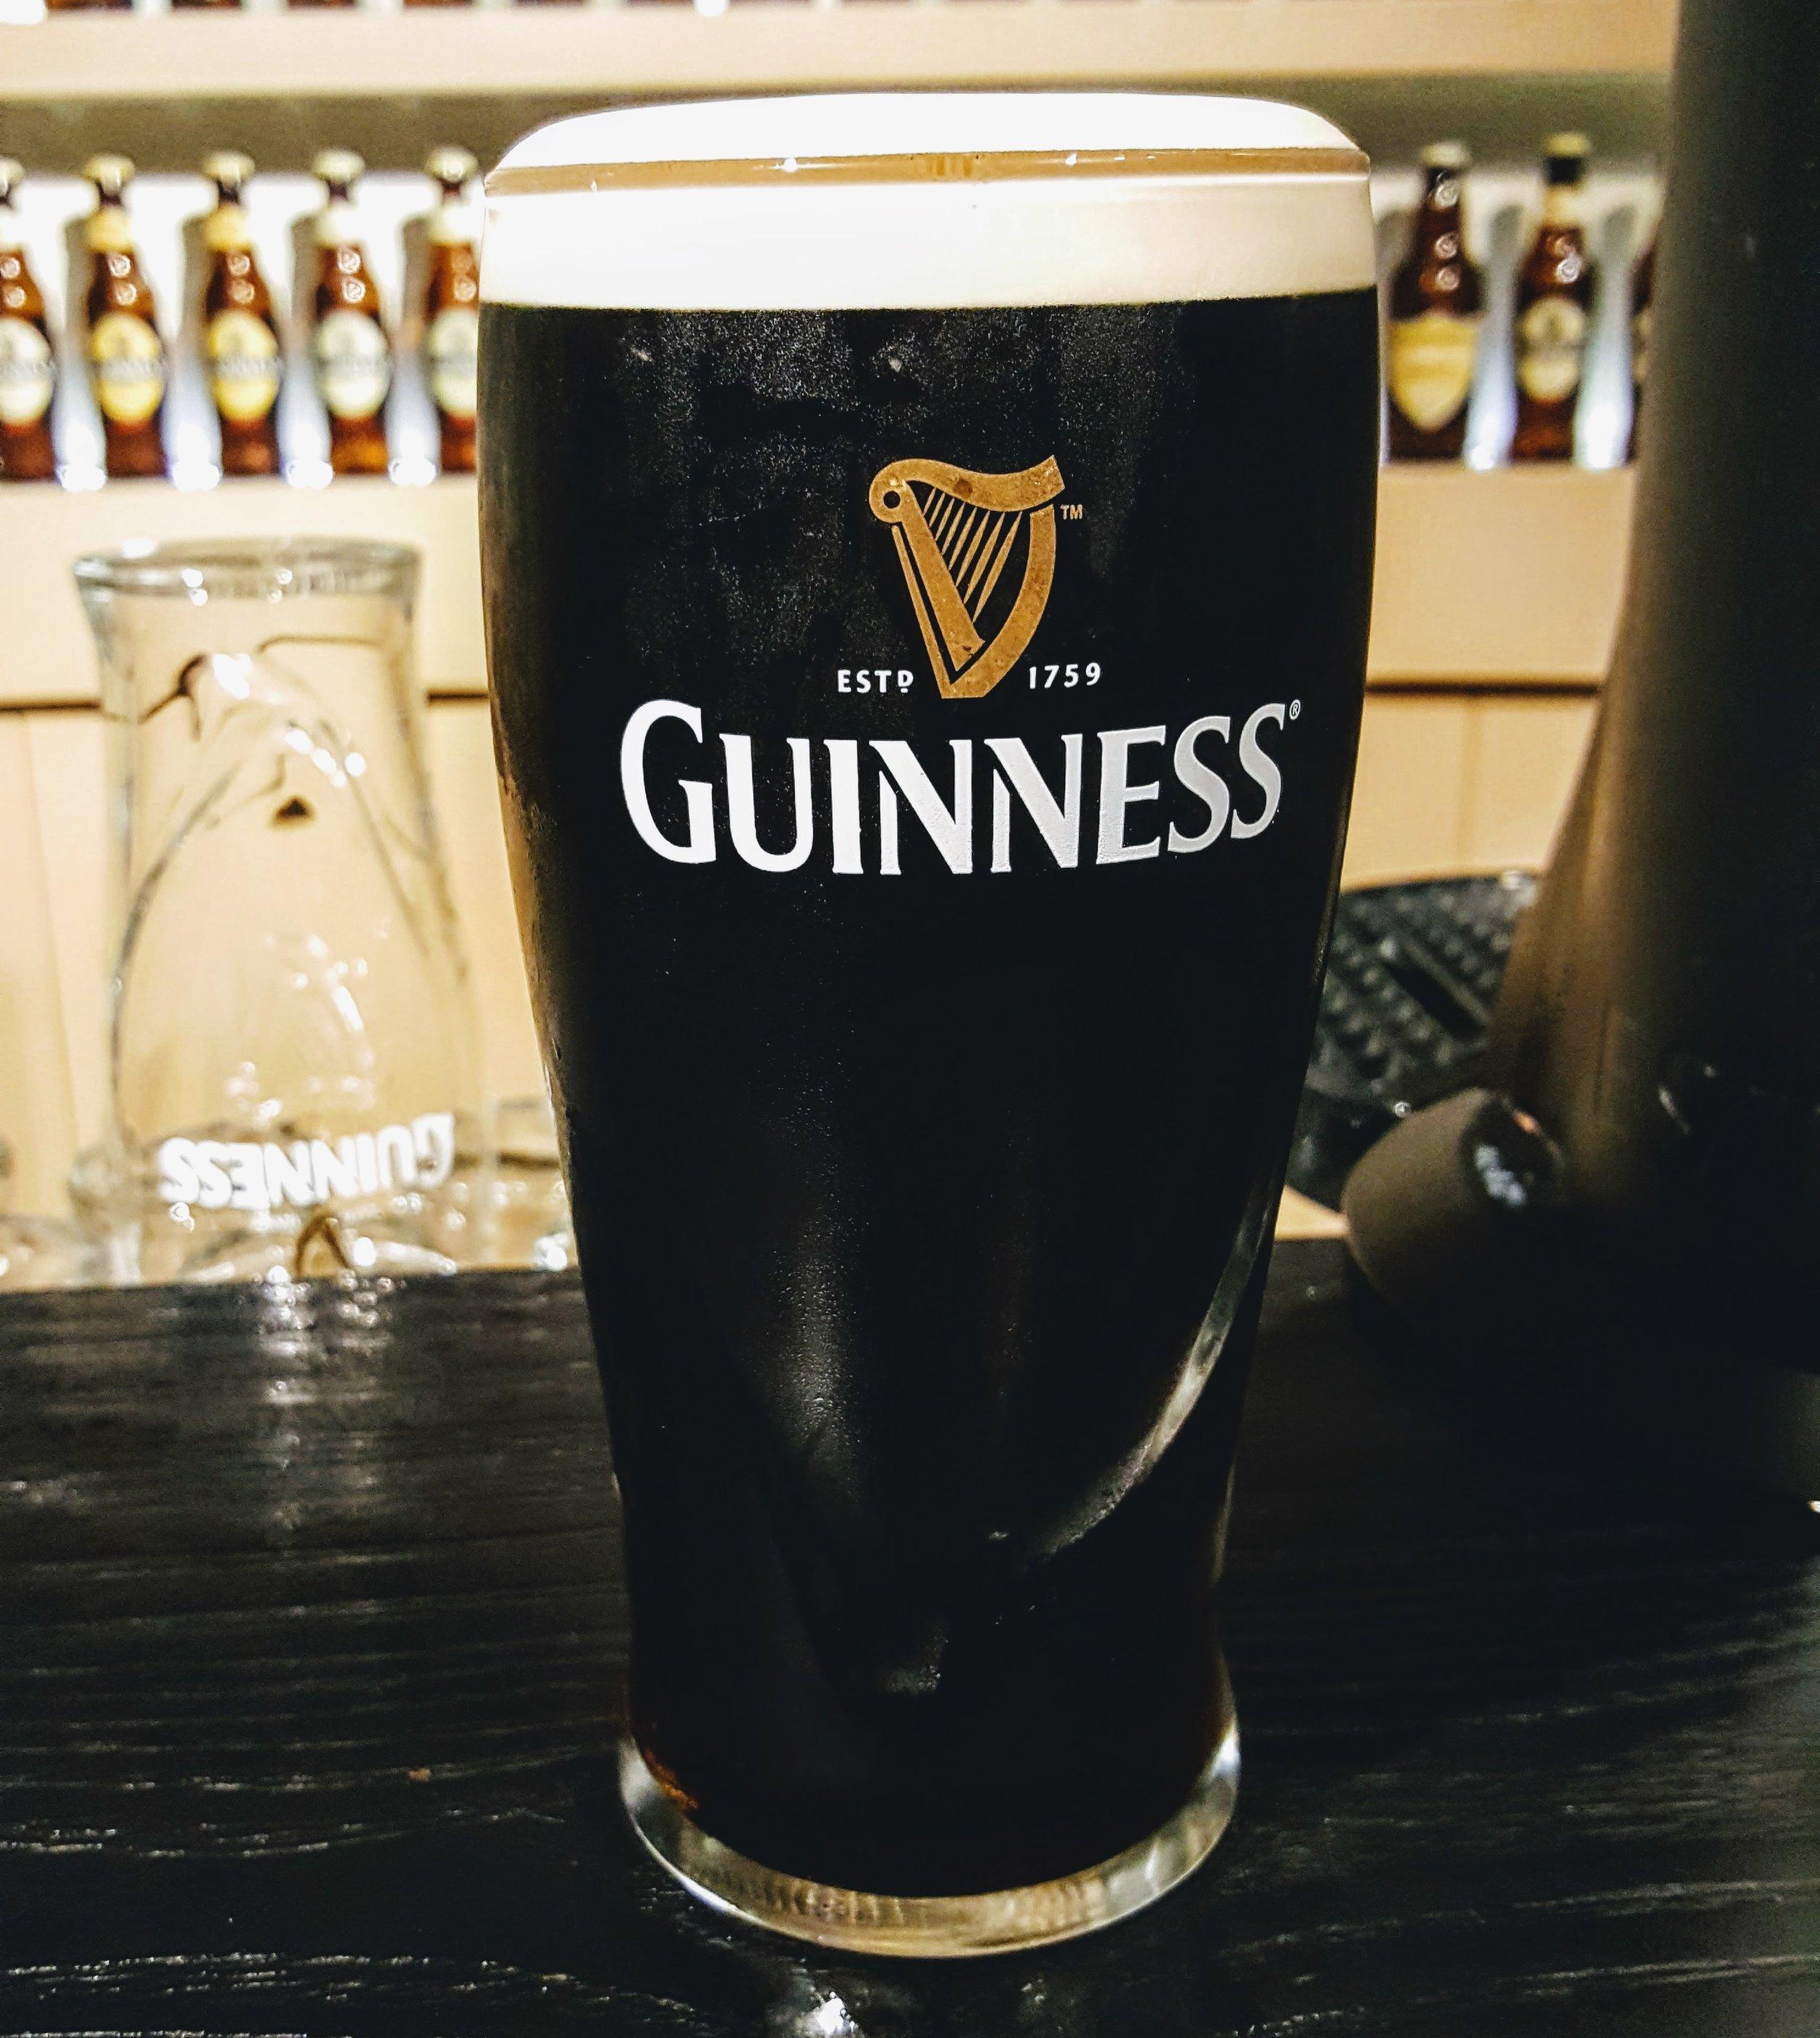 """Stout Irlandesa - Rica y deliciosa Guinness. Mi amigo Juan Sánchez me comenta que cada vez que alguien le pide en su bar una """"cerveza ligera"""", el siempre les ofrece una Guinness. No se equivoca. Es una cerveza de menos de 5% de alcohol. Quizá la percepción de que las cervezas oscuras son más fuertes, en realidad se debe a lo abrumador que pueden ser sus sabores (aún a 4.3% Alc. Vol.)."""